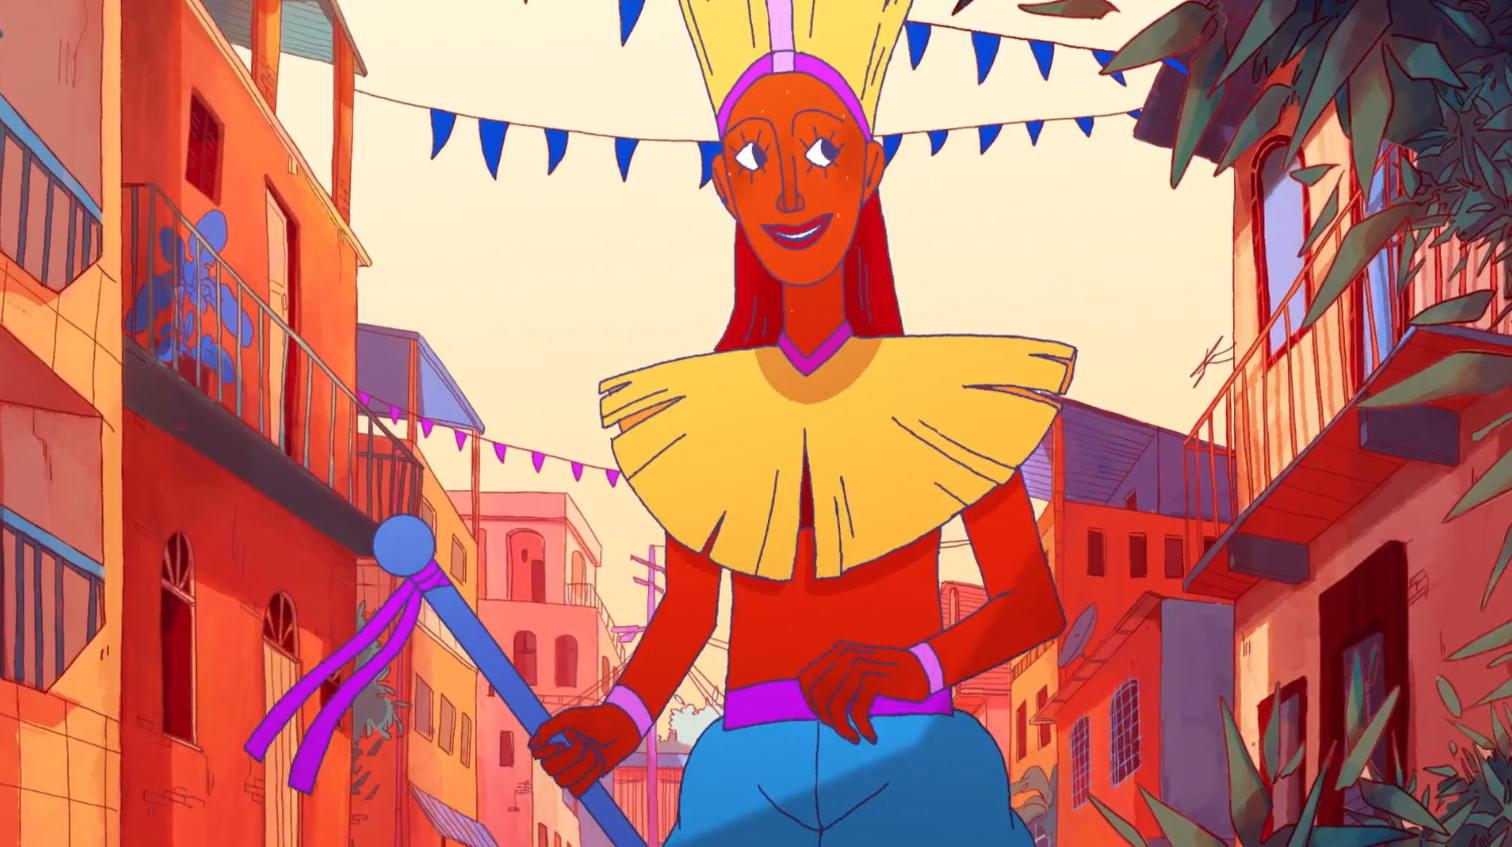 Ecole De Design Annecy annecy 2018 : les animations des gobelins célèbrent le